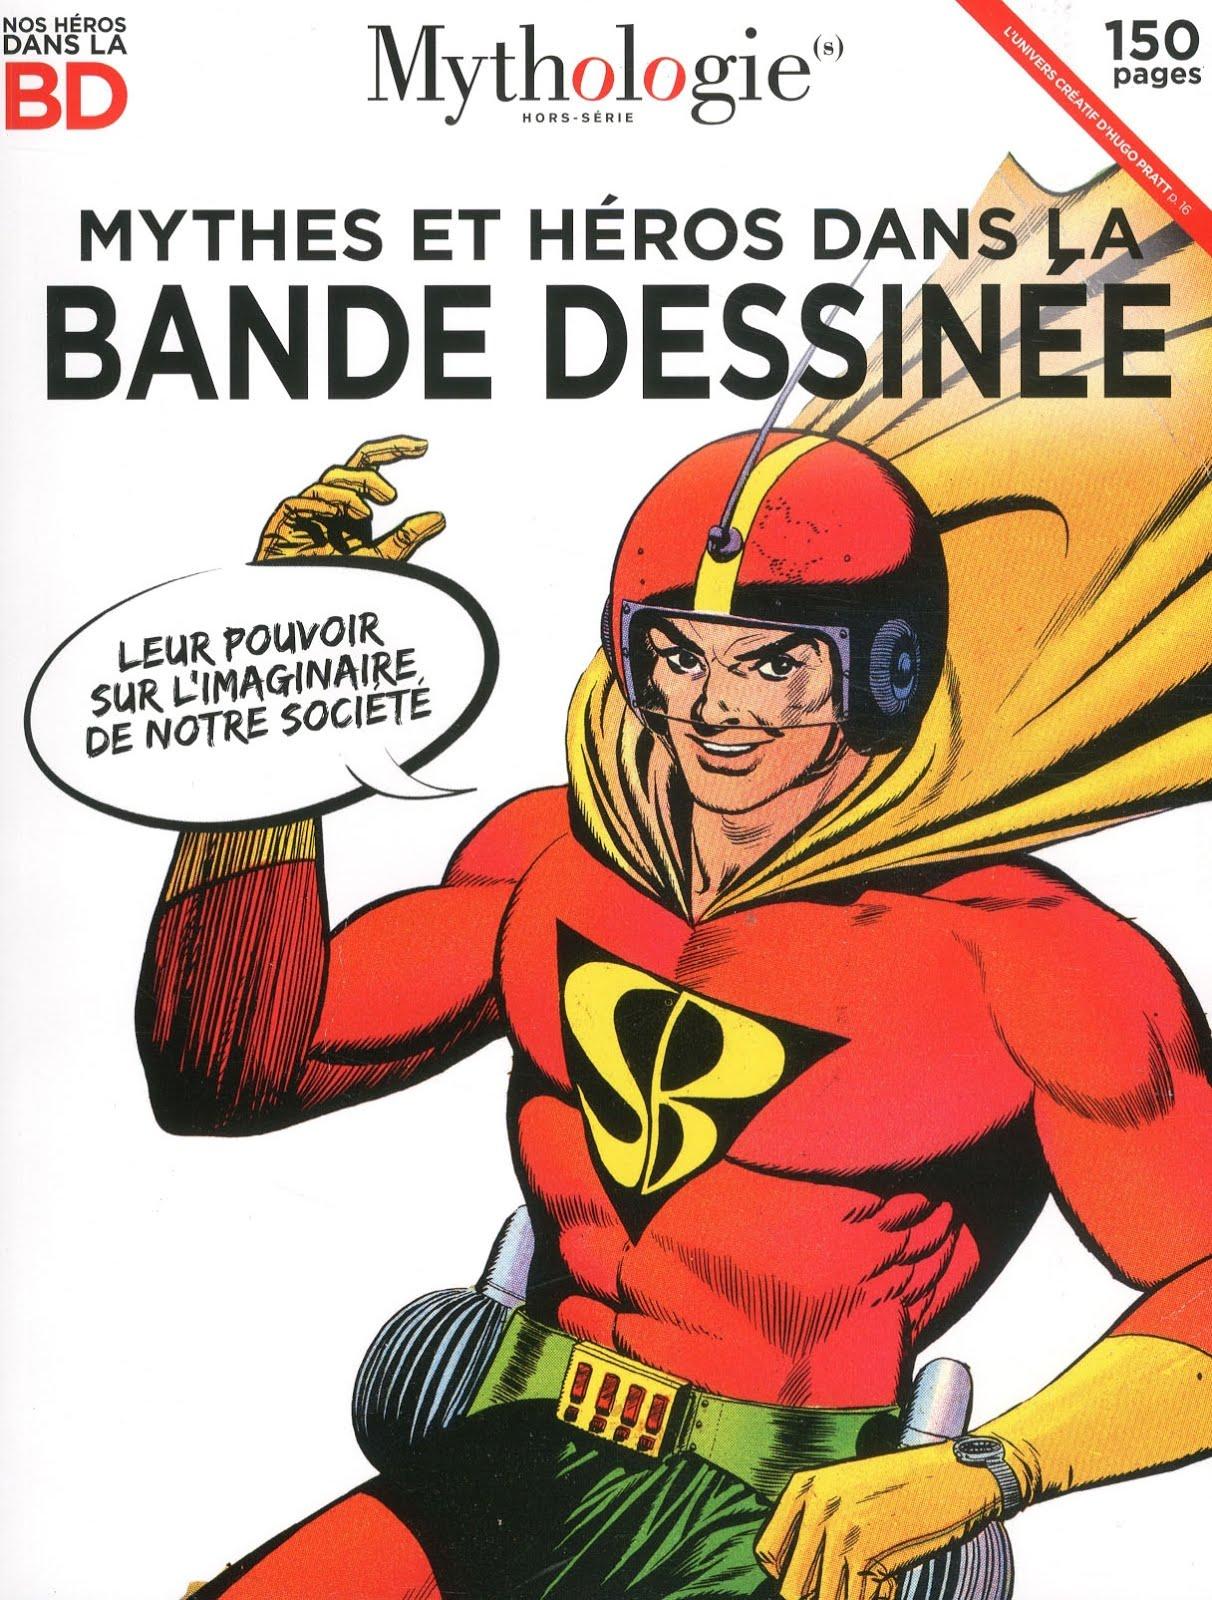 Mythes et héros dans la bande dessinée